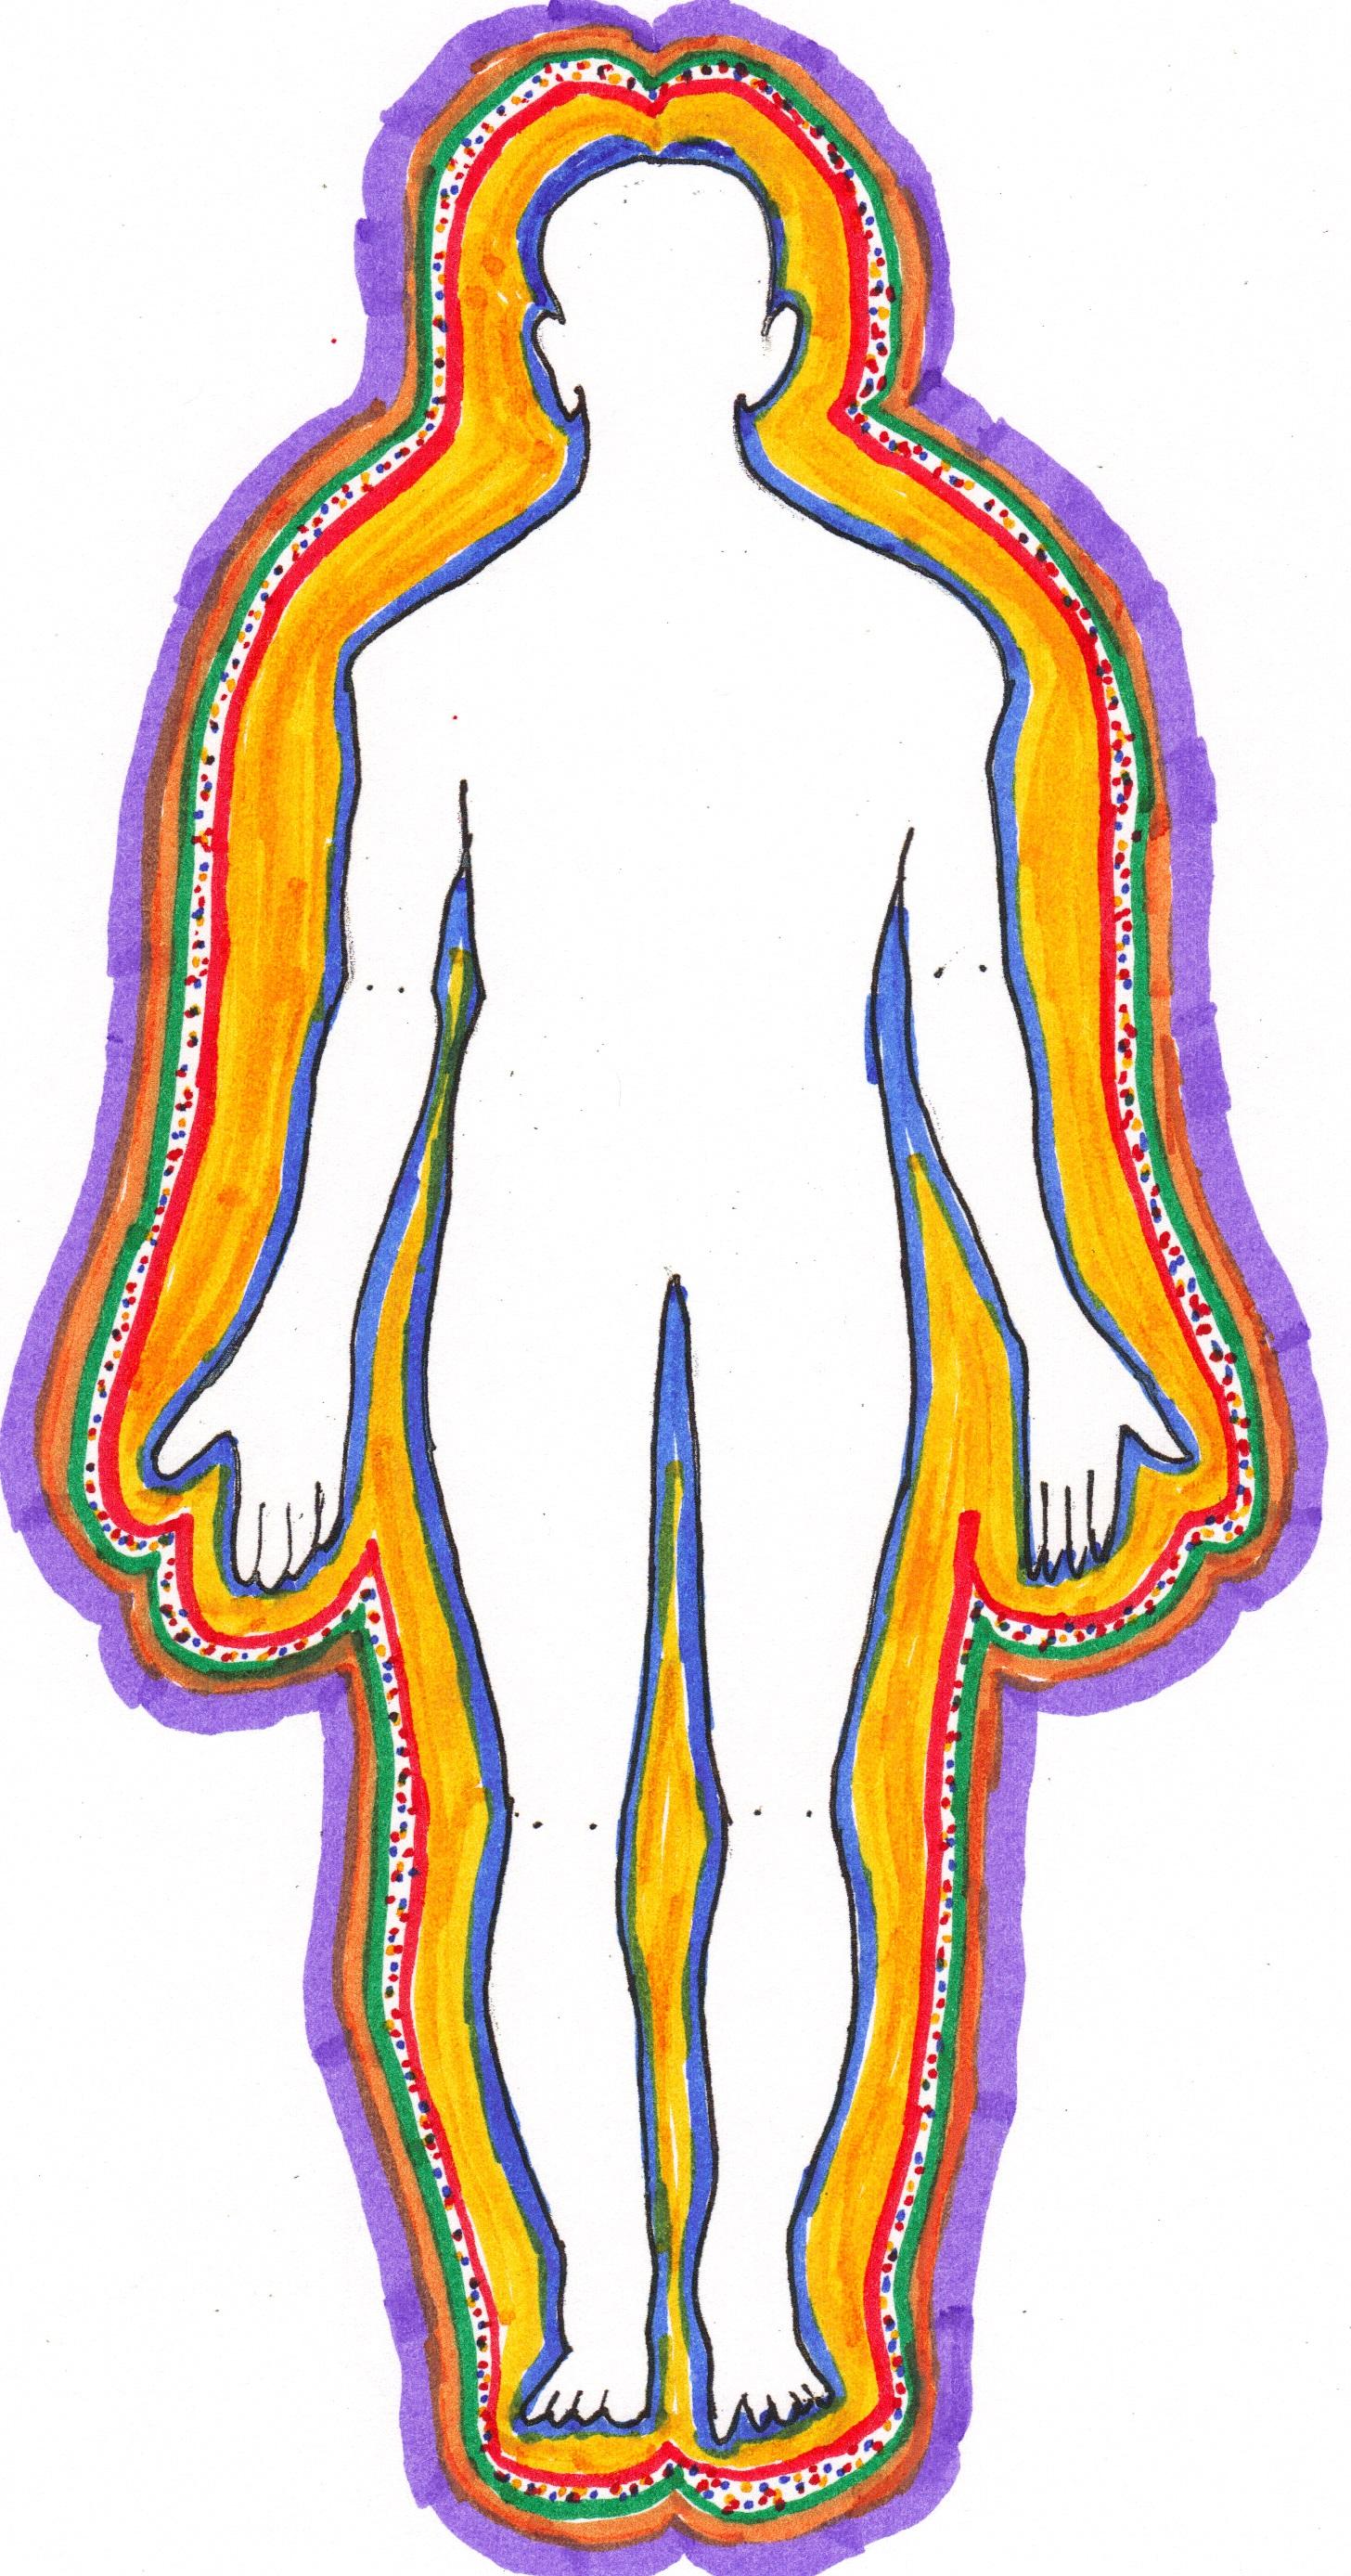 Silueta humana - Imagui